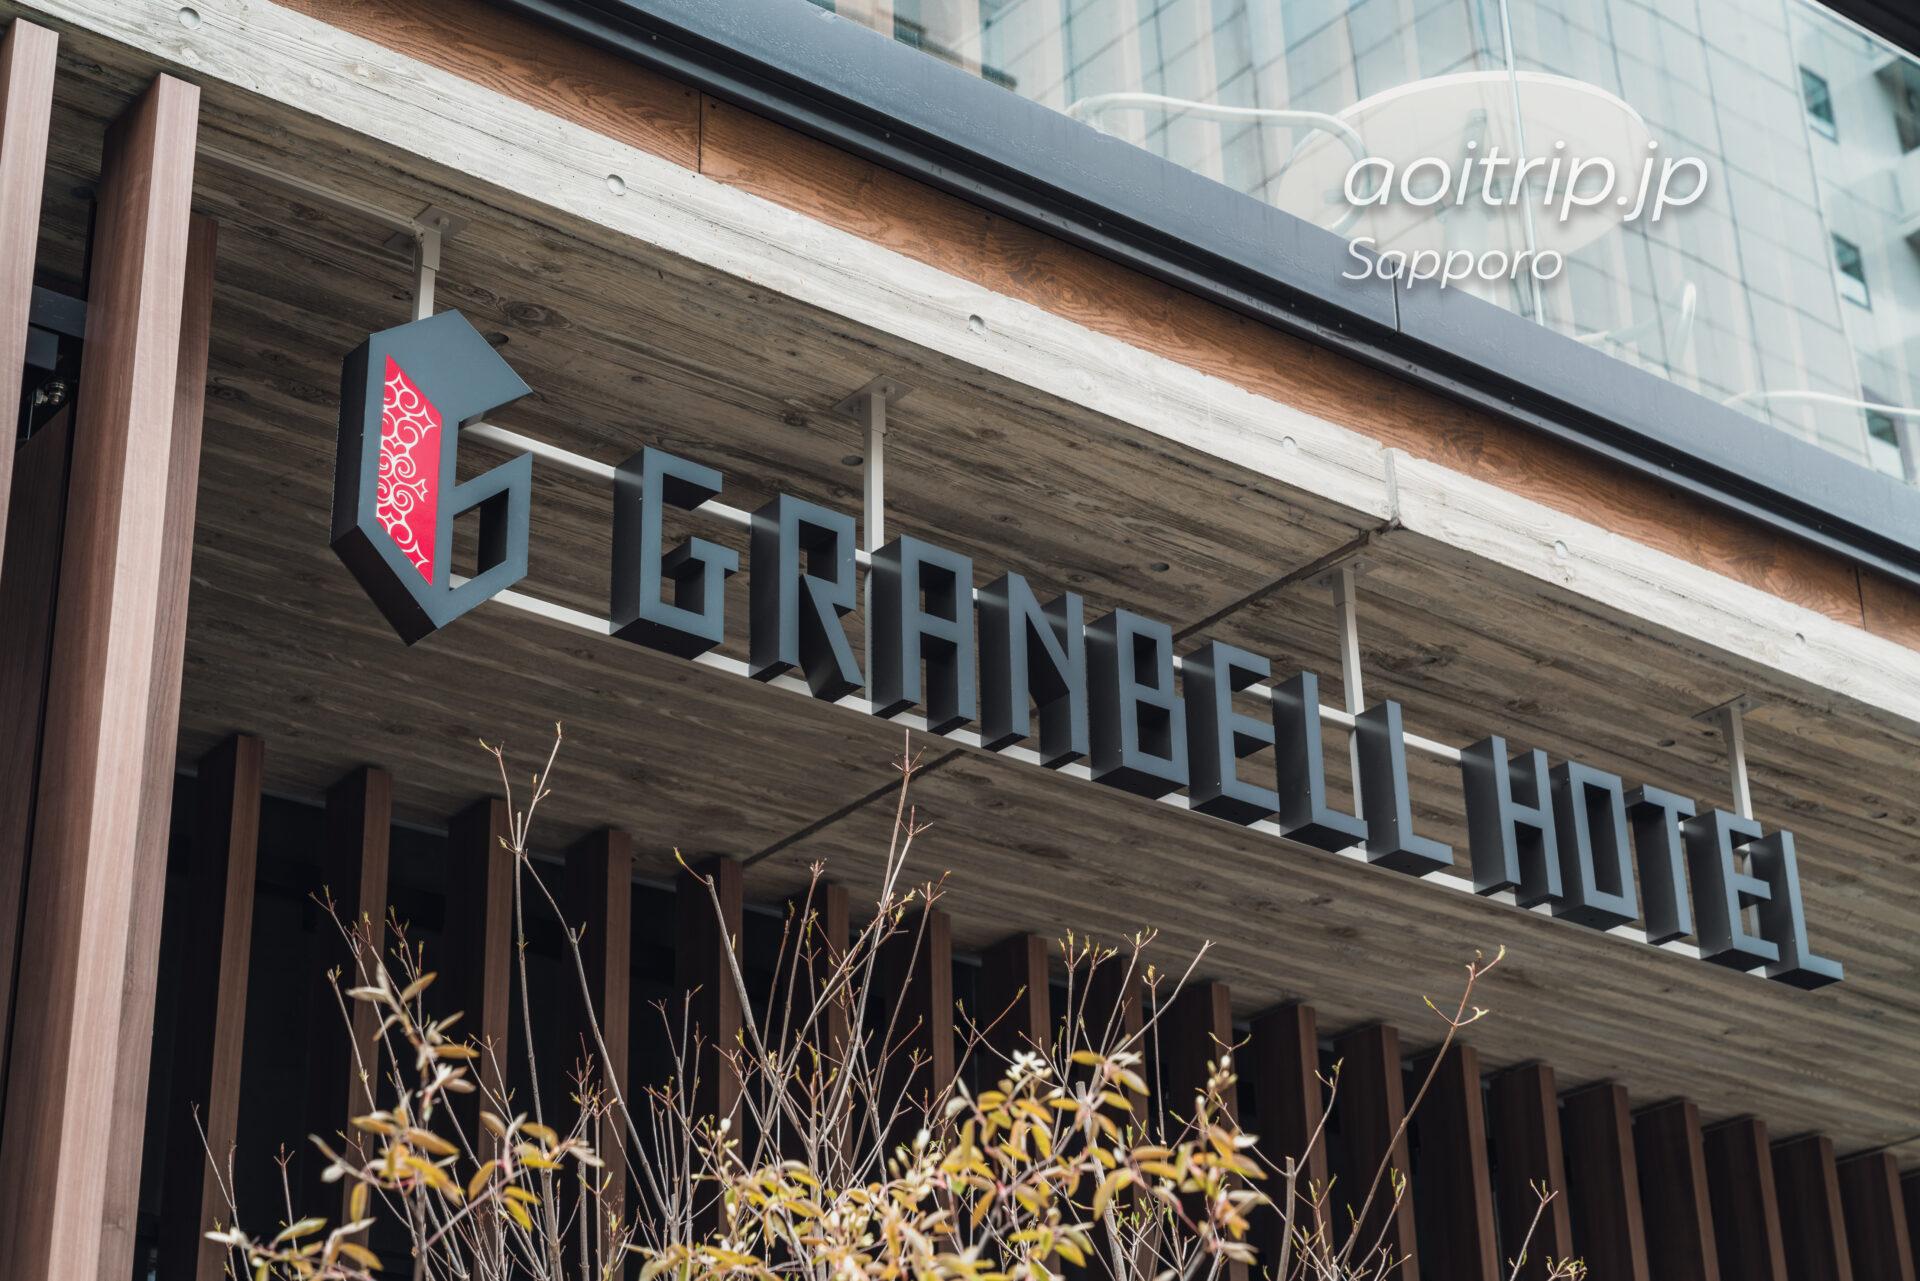 札幌グランベルホテル Sapporo Granbell Hotelのエントランス サイン